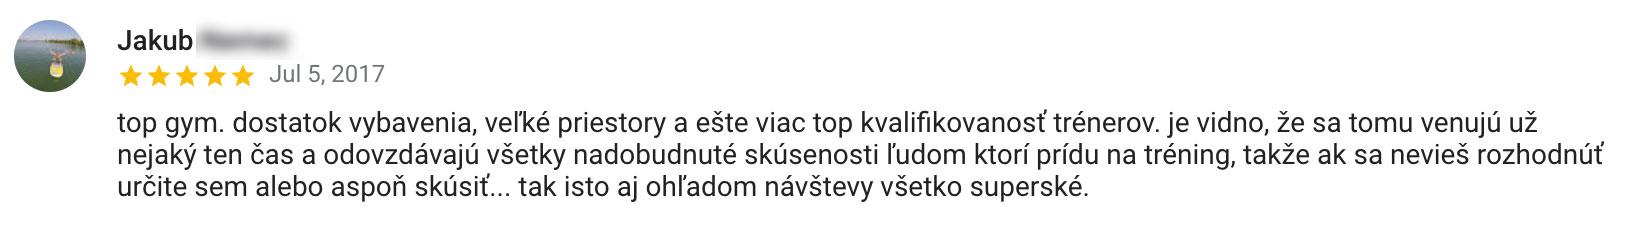 jakub_review